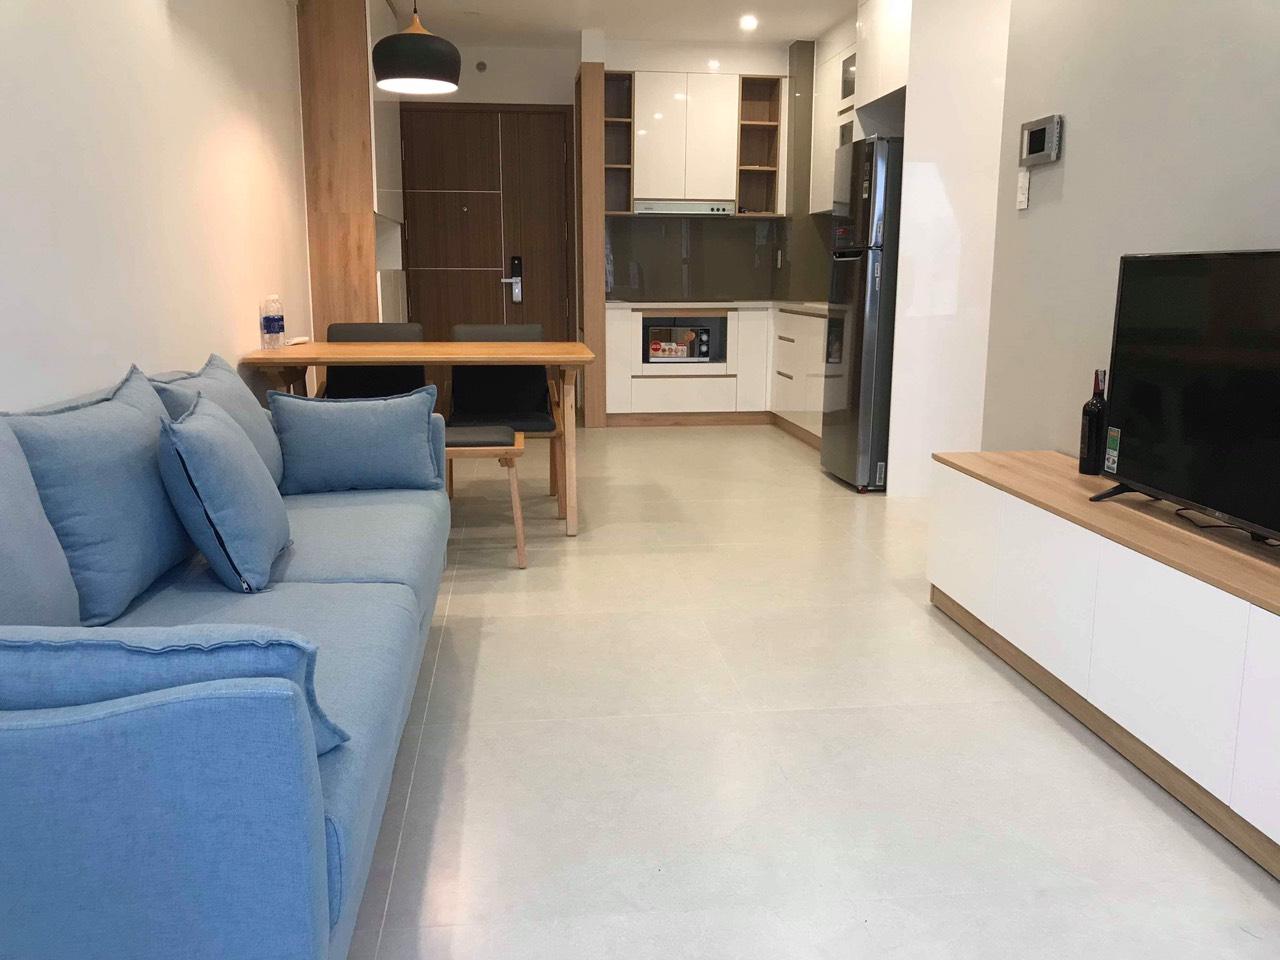 Cho thuê 1 phòng ngủ New City Thủ Thiêm - ID 010065